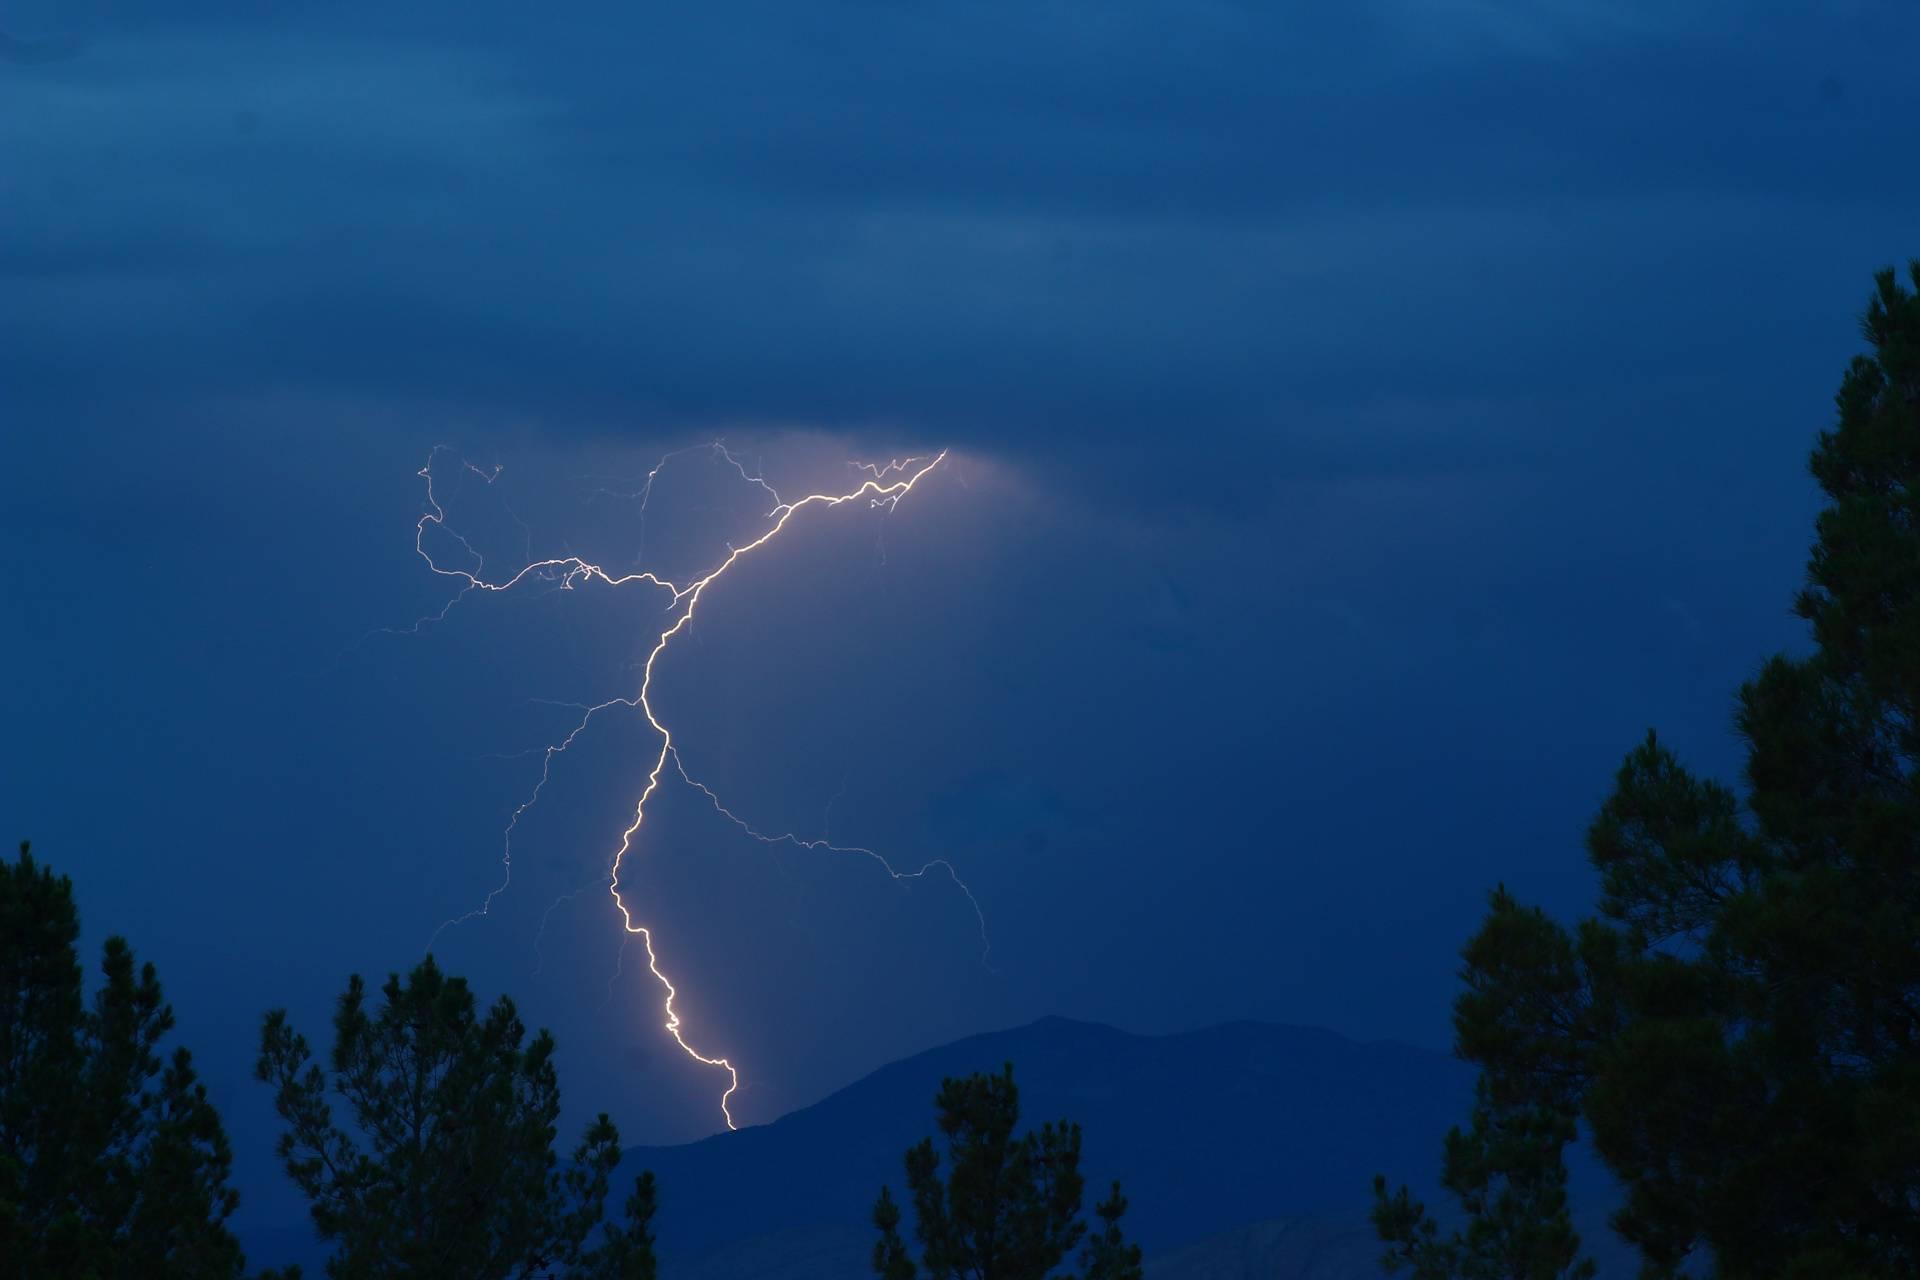 Nevada Lightning